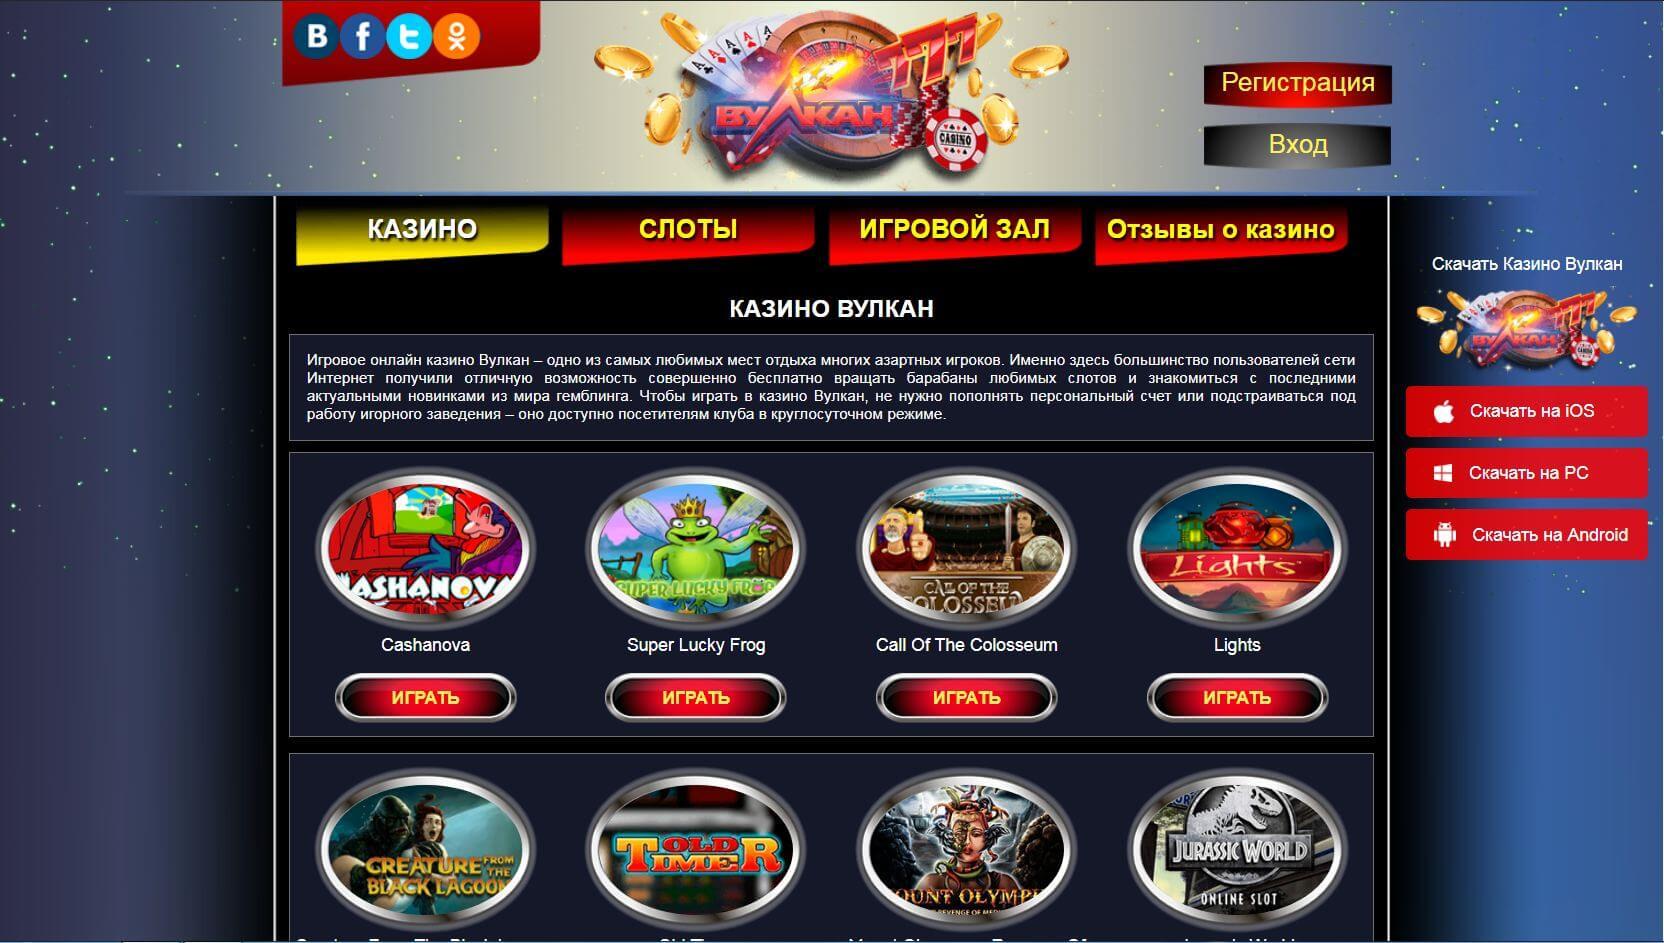 Все слоты игровые 2005 казино европа онлайн отзывы